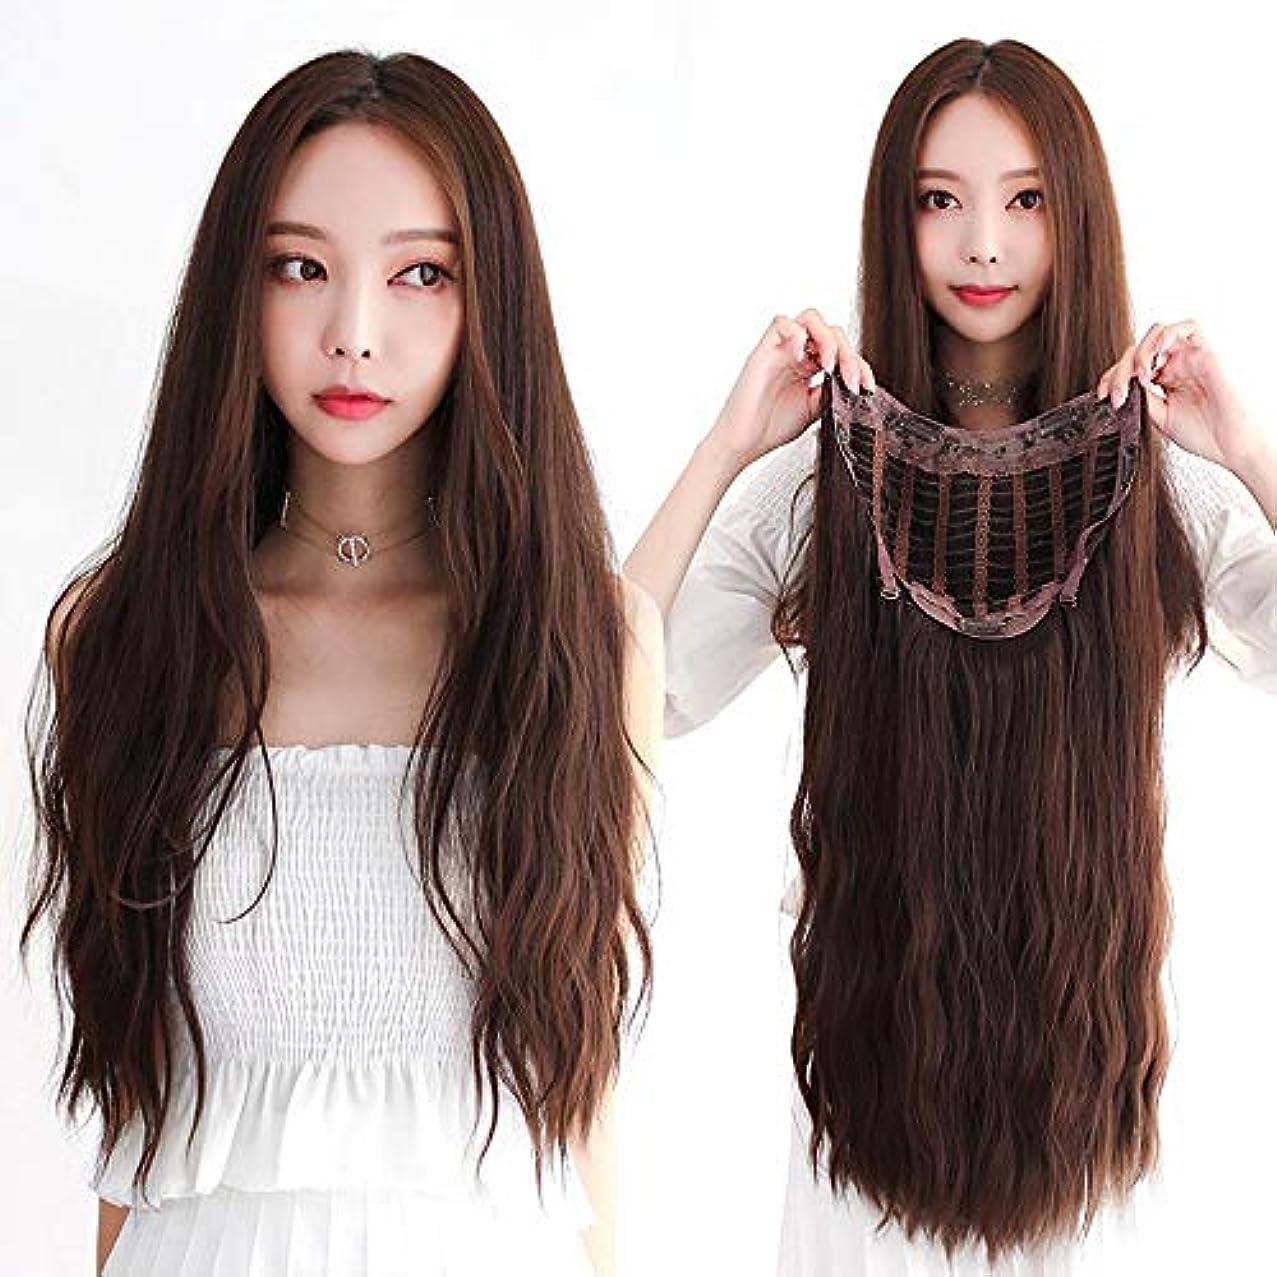 プール洞察力ペフSRY-Wigファッション ウィッグ女性の長い髪長い巻き毛大きな波気質目に見えないシームレス現実的です